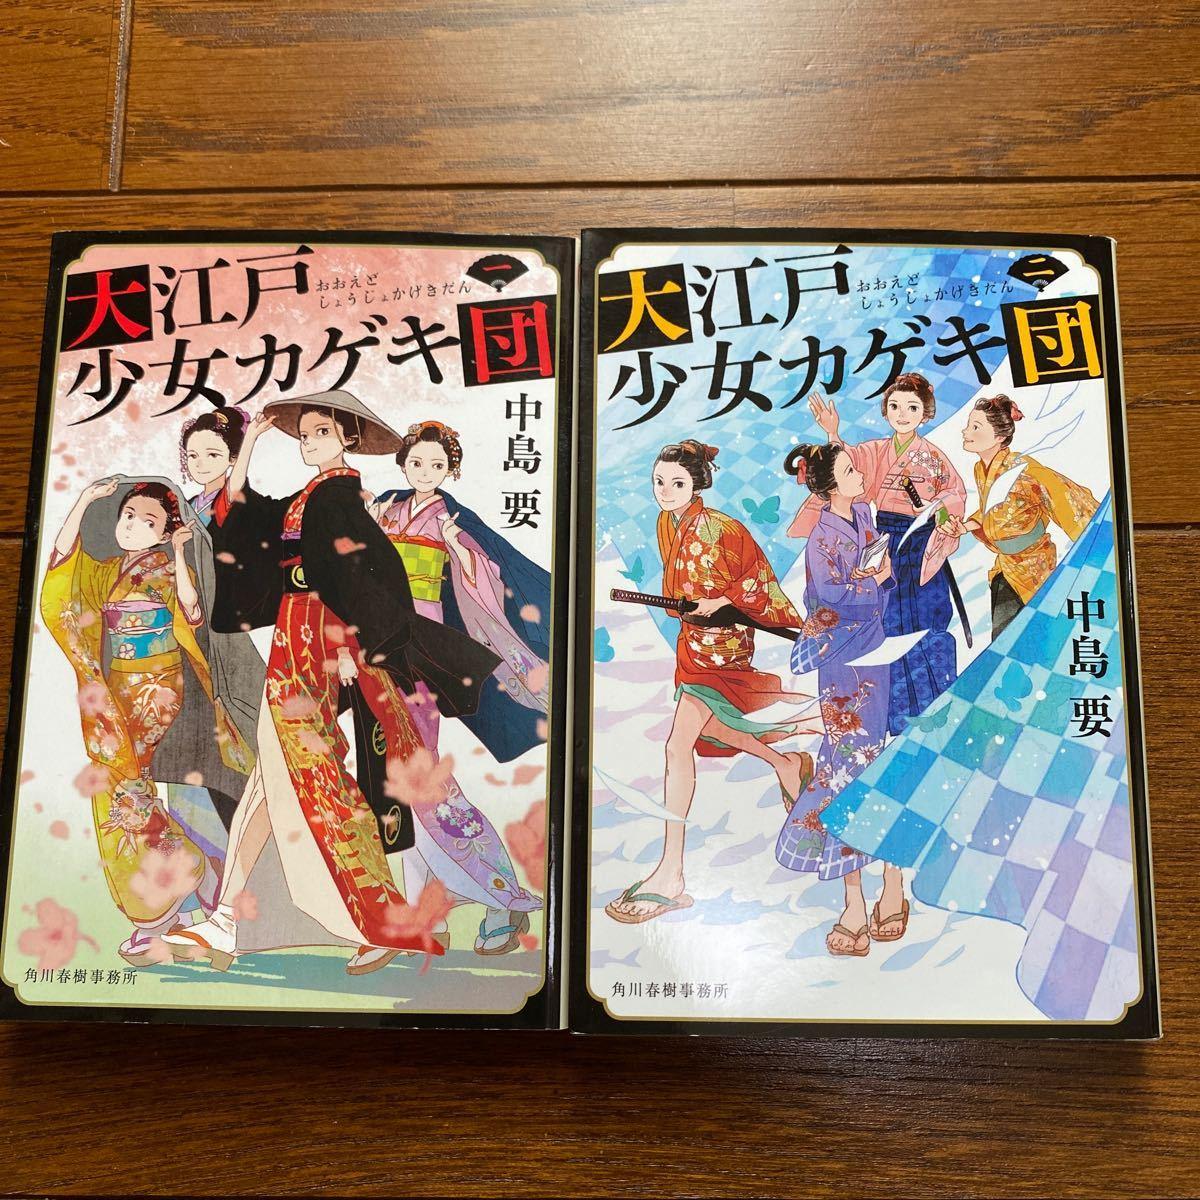 中島 要 (著)「大江戸少女カゲキ団」 1〜2巻